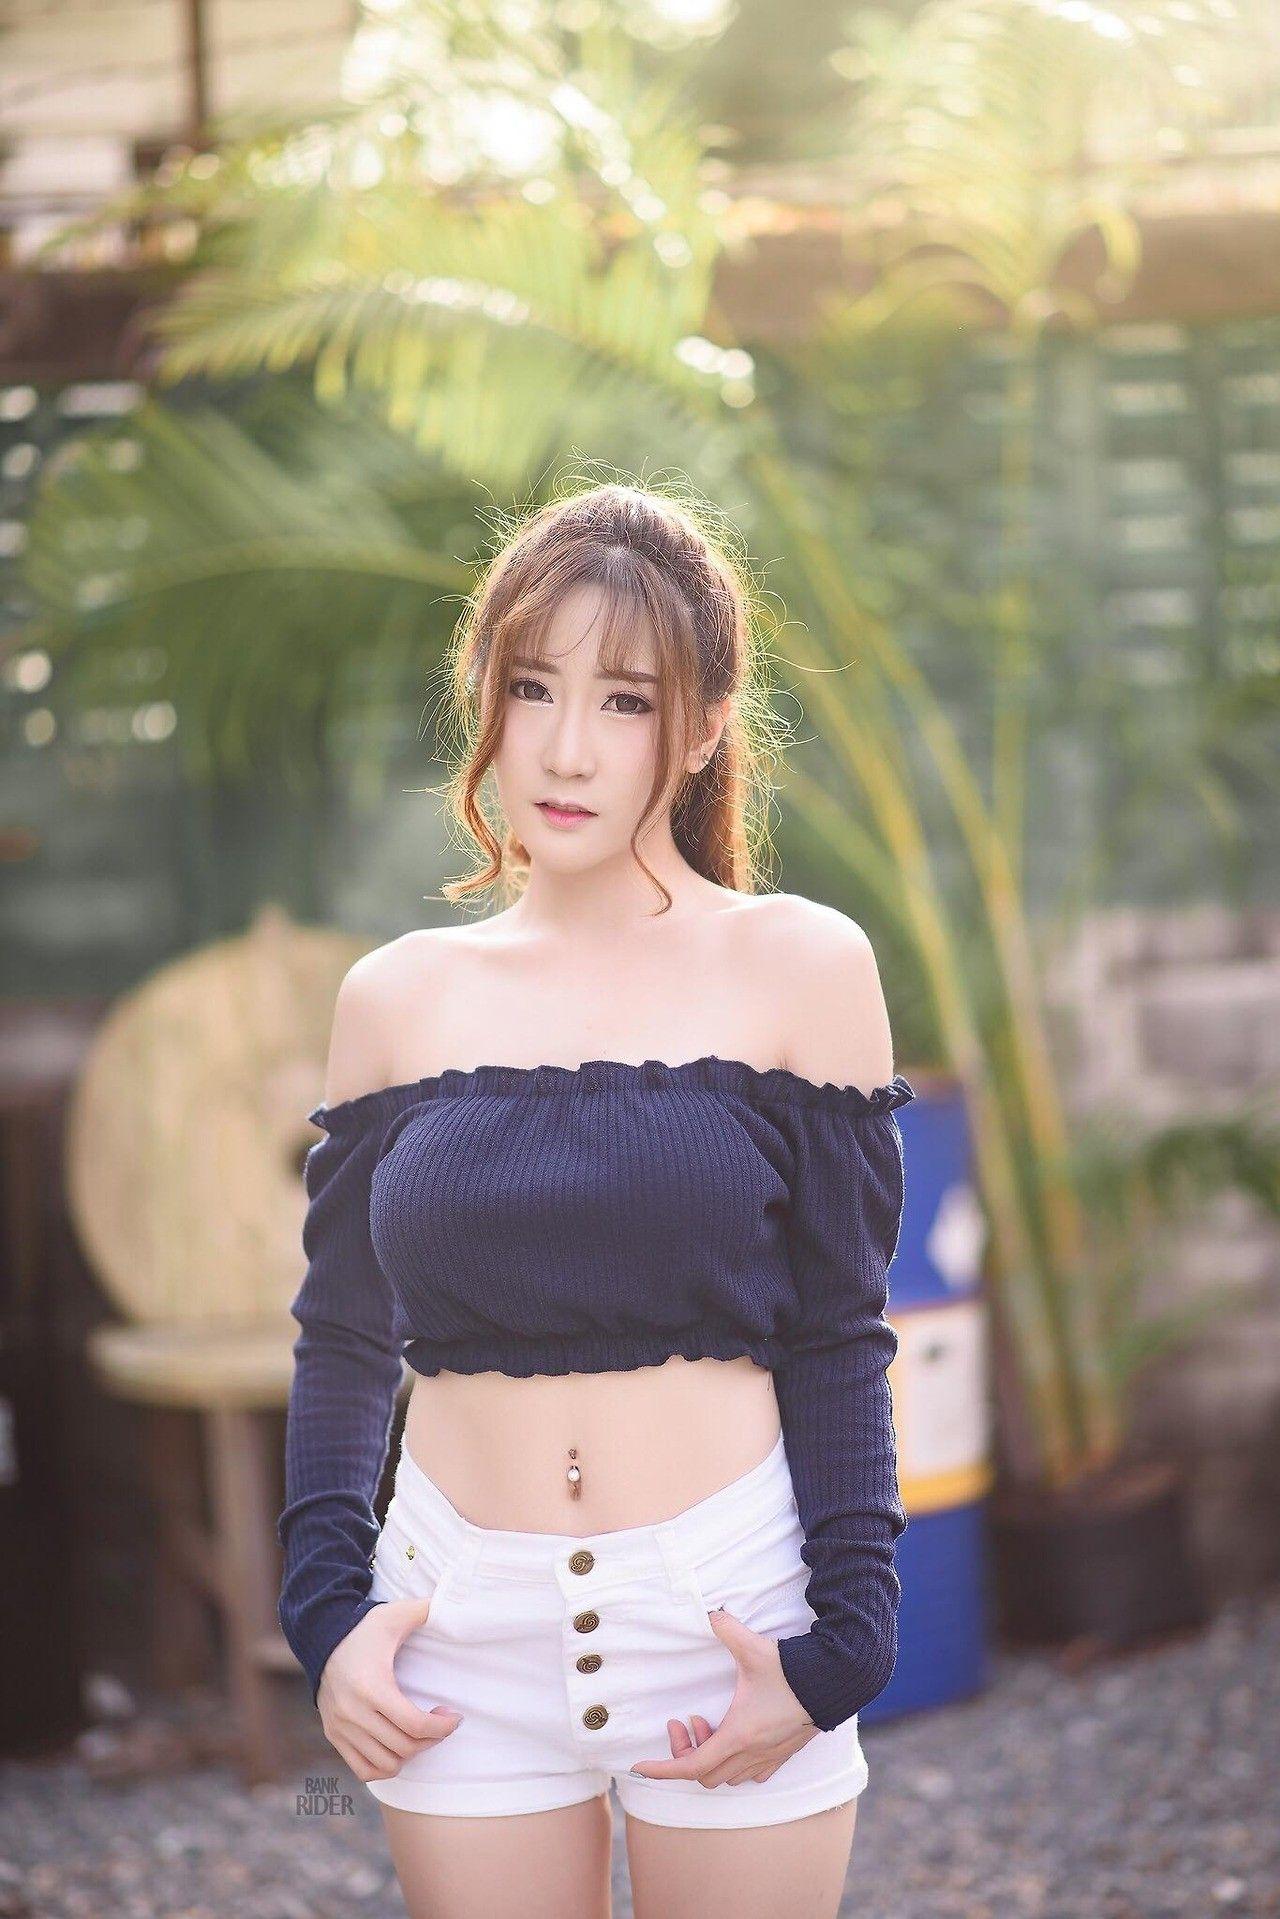 Porn archive Uncut short hair asian